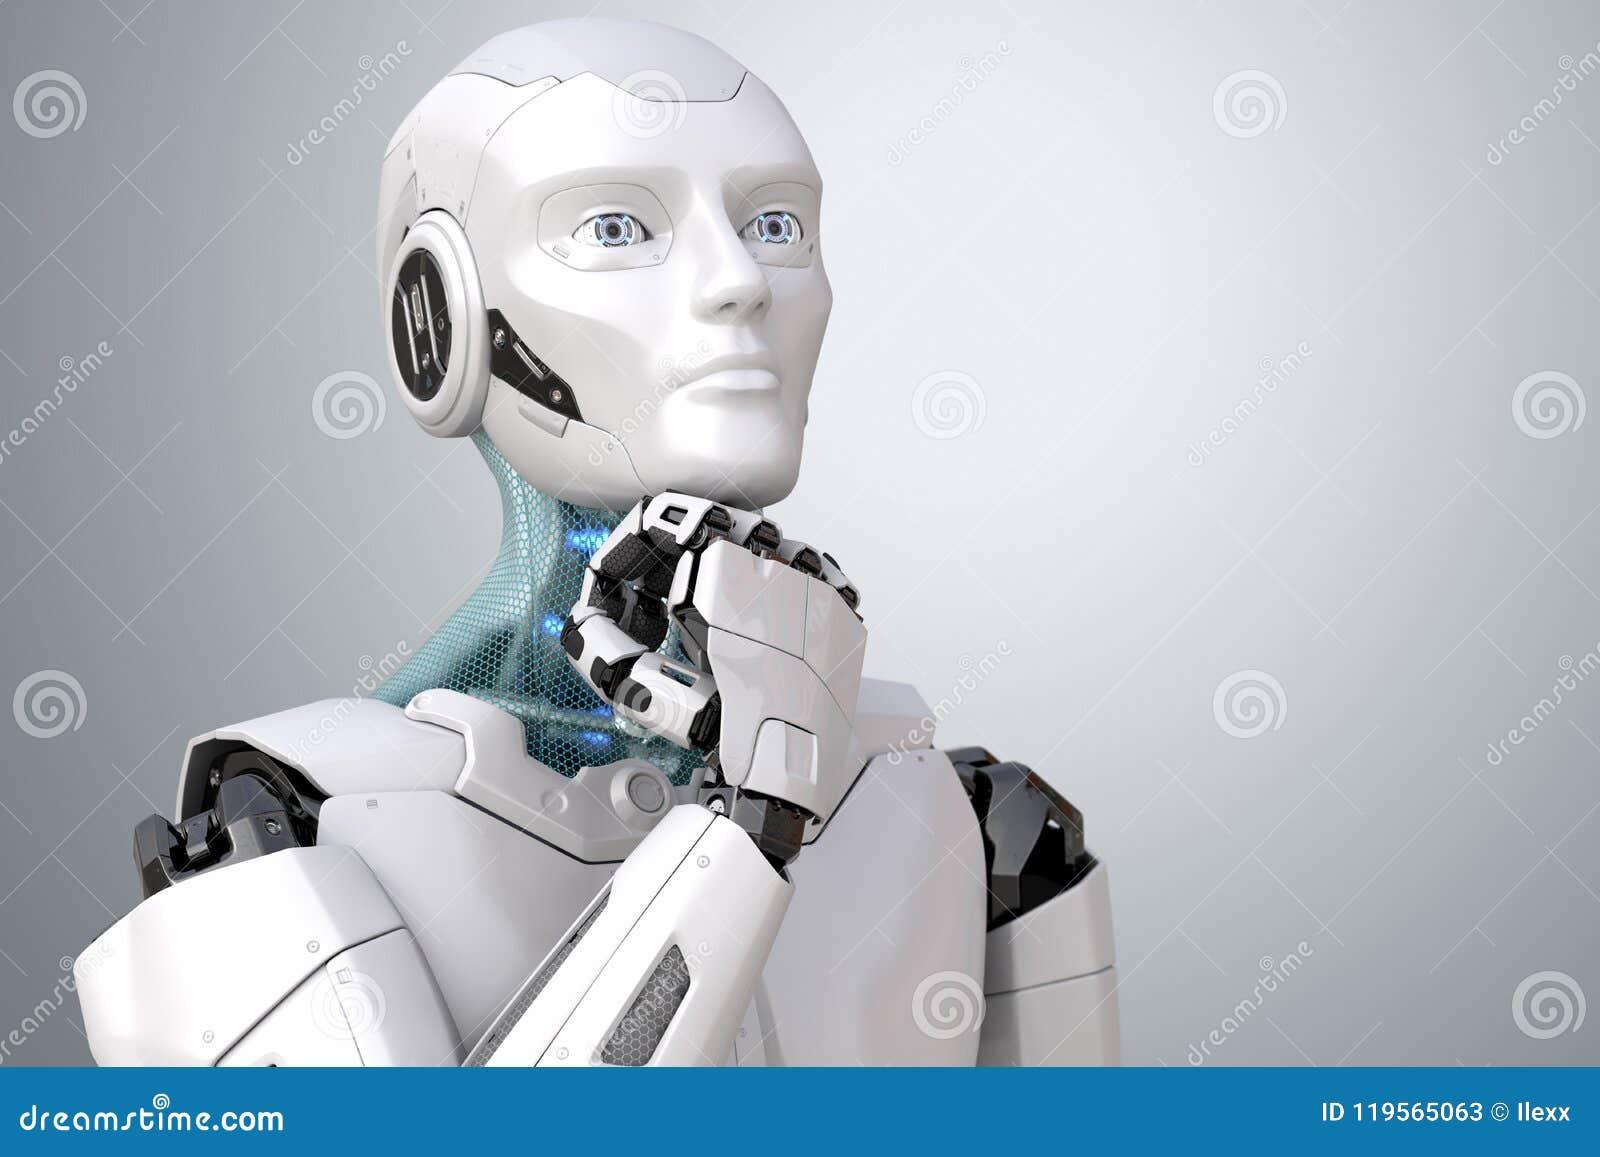 作科学幻想小说机器人